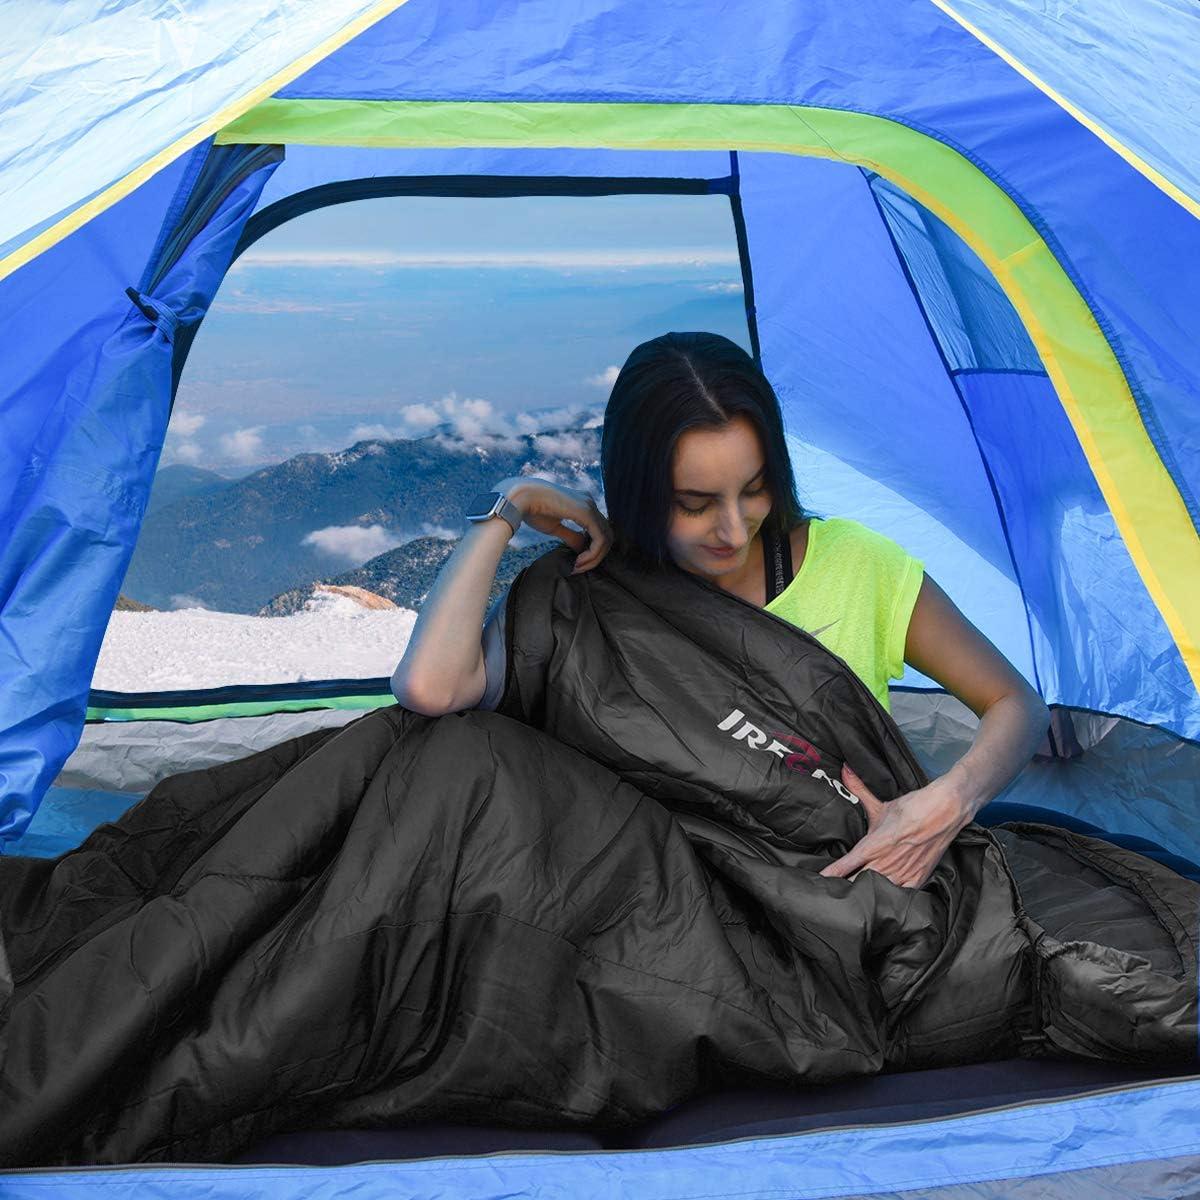 3-4 Jahreszeiten Schlafsack Camping Reisen und Outdoor Kleines Packma/ß Warm Deckenschlafsack Leichter Trekkingschlafsack 220 x 80 cm IREGRO Schlafsack Ideal f/ür Erwachsene und Kinder